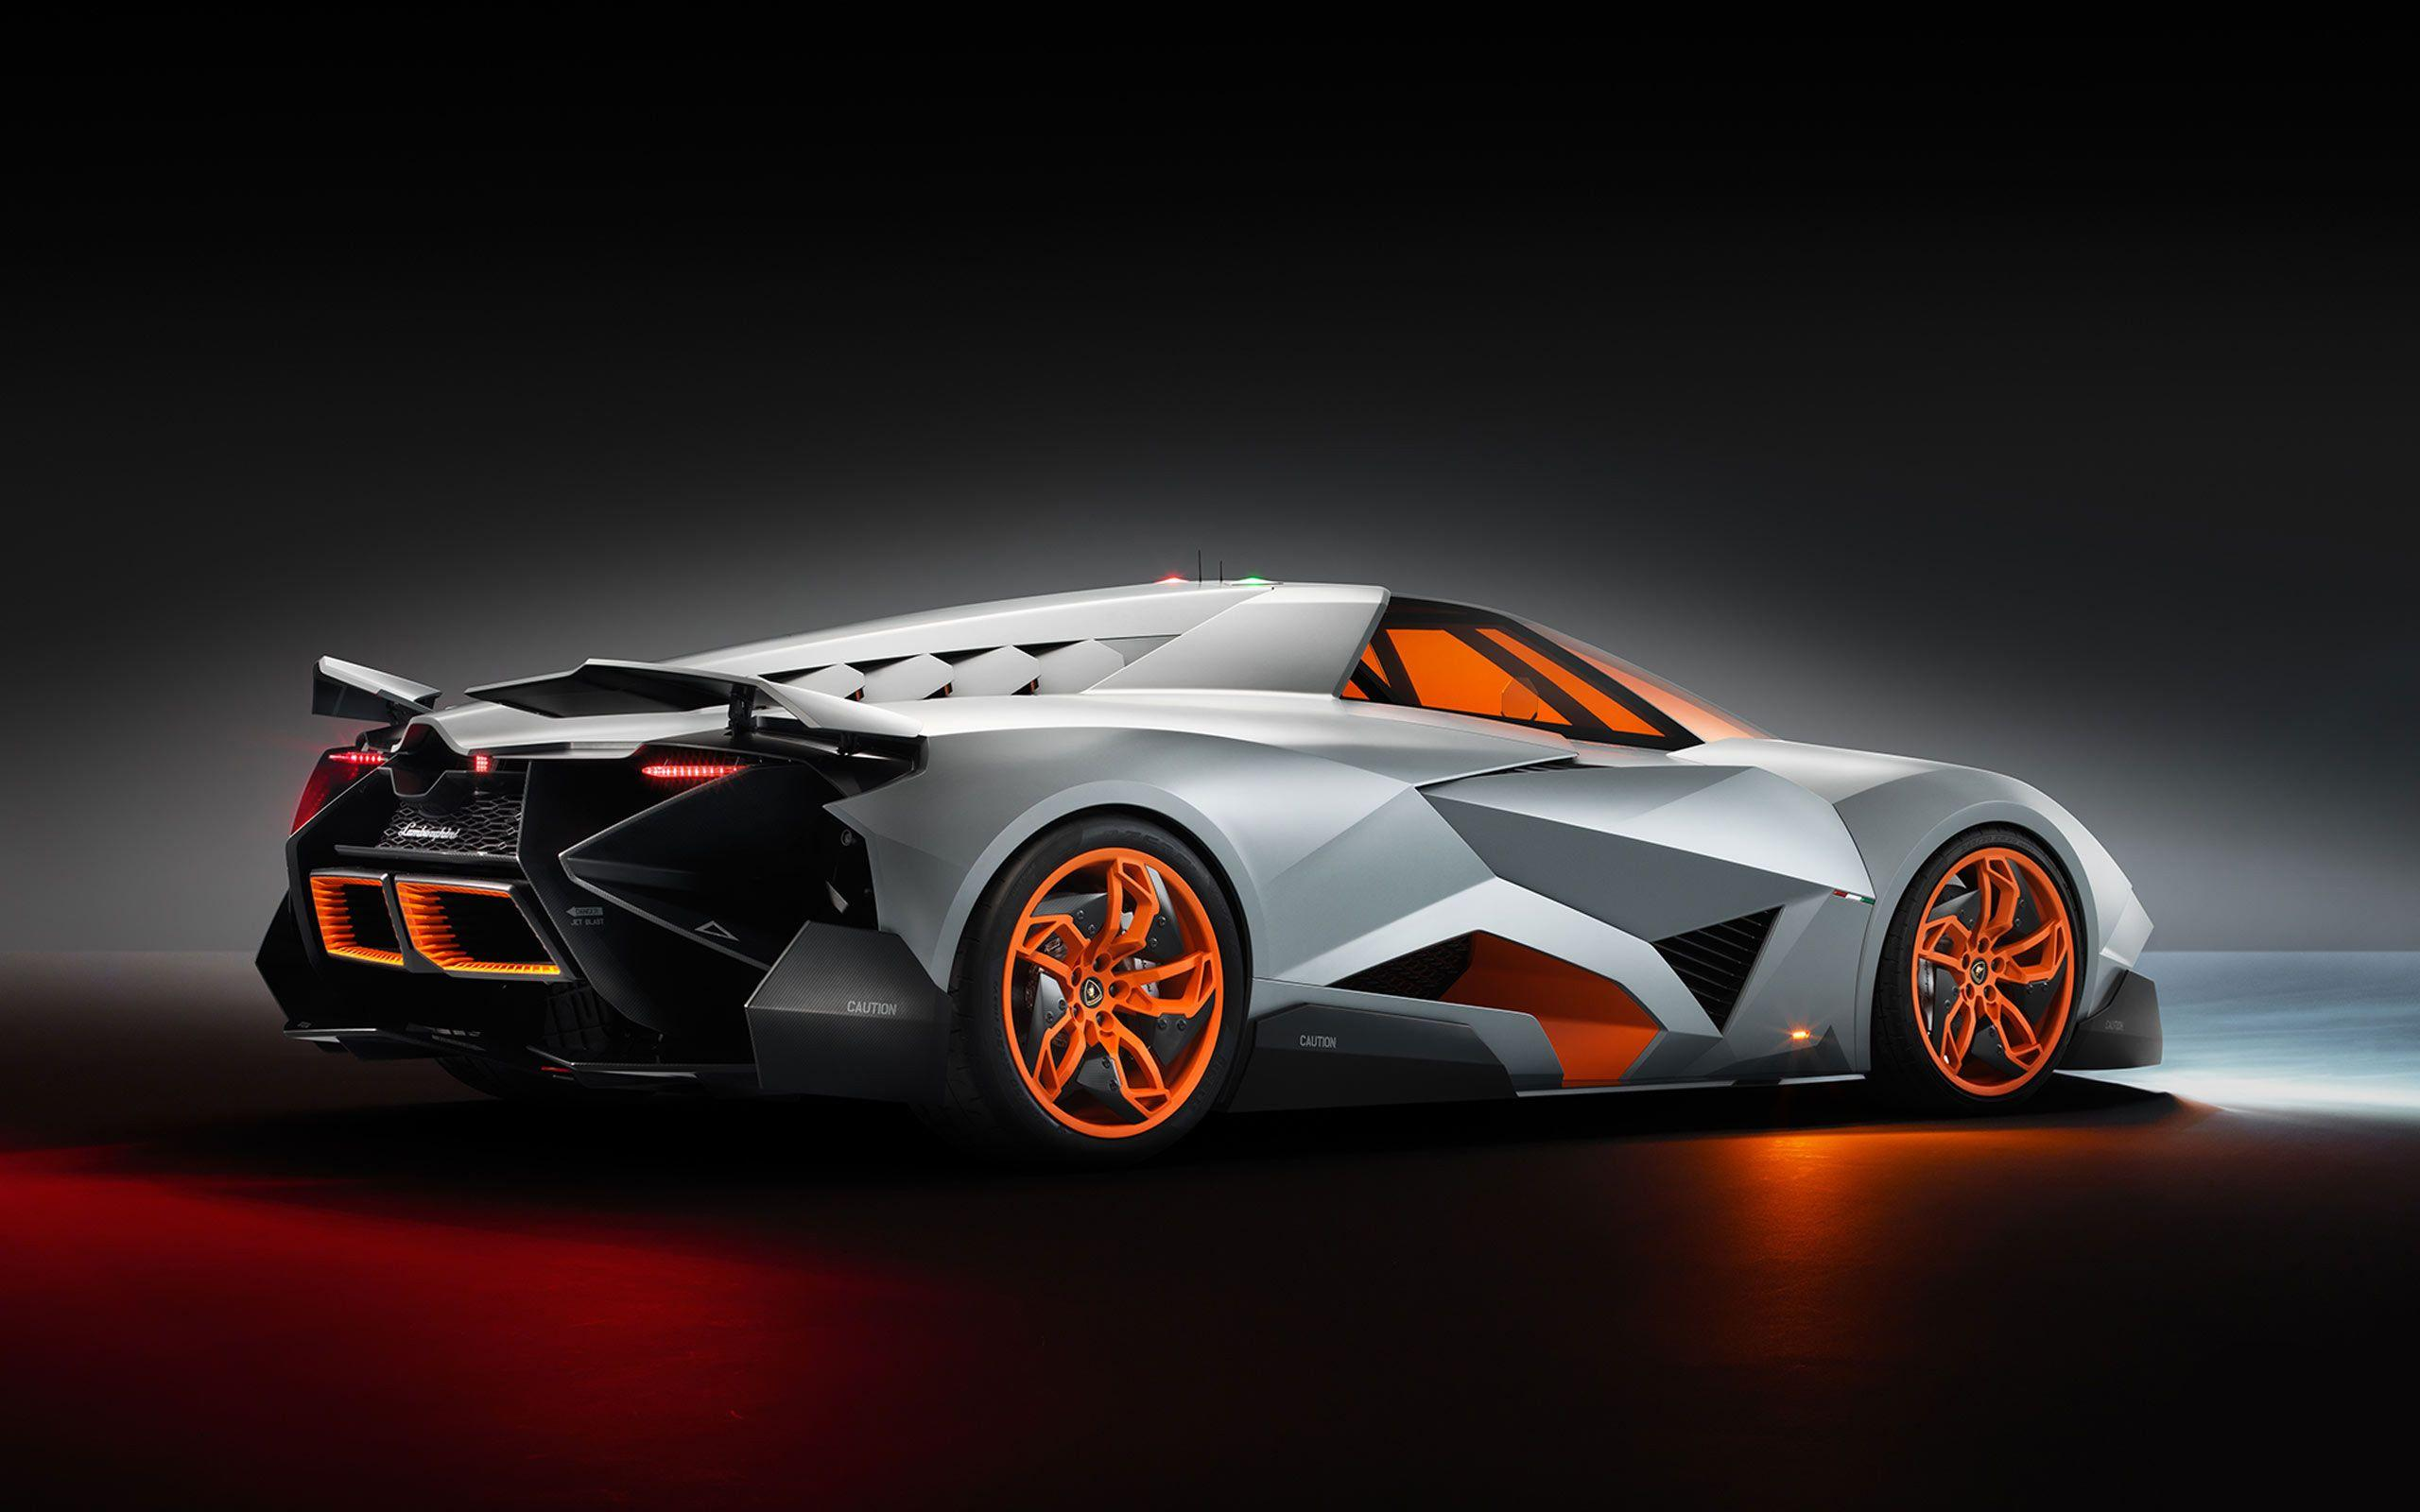 Lamborghini Egoista Concept 2 Wallpaper | HD Car Wallpapers